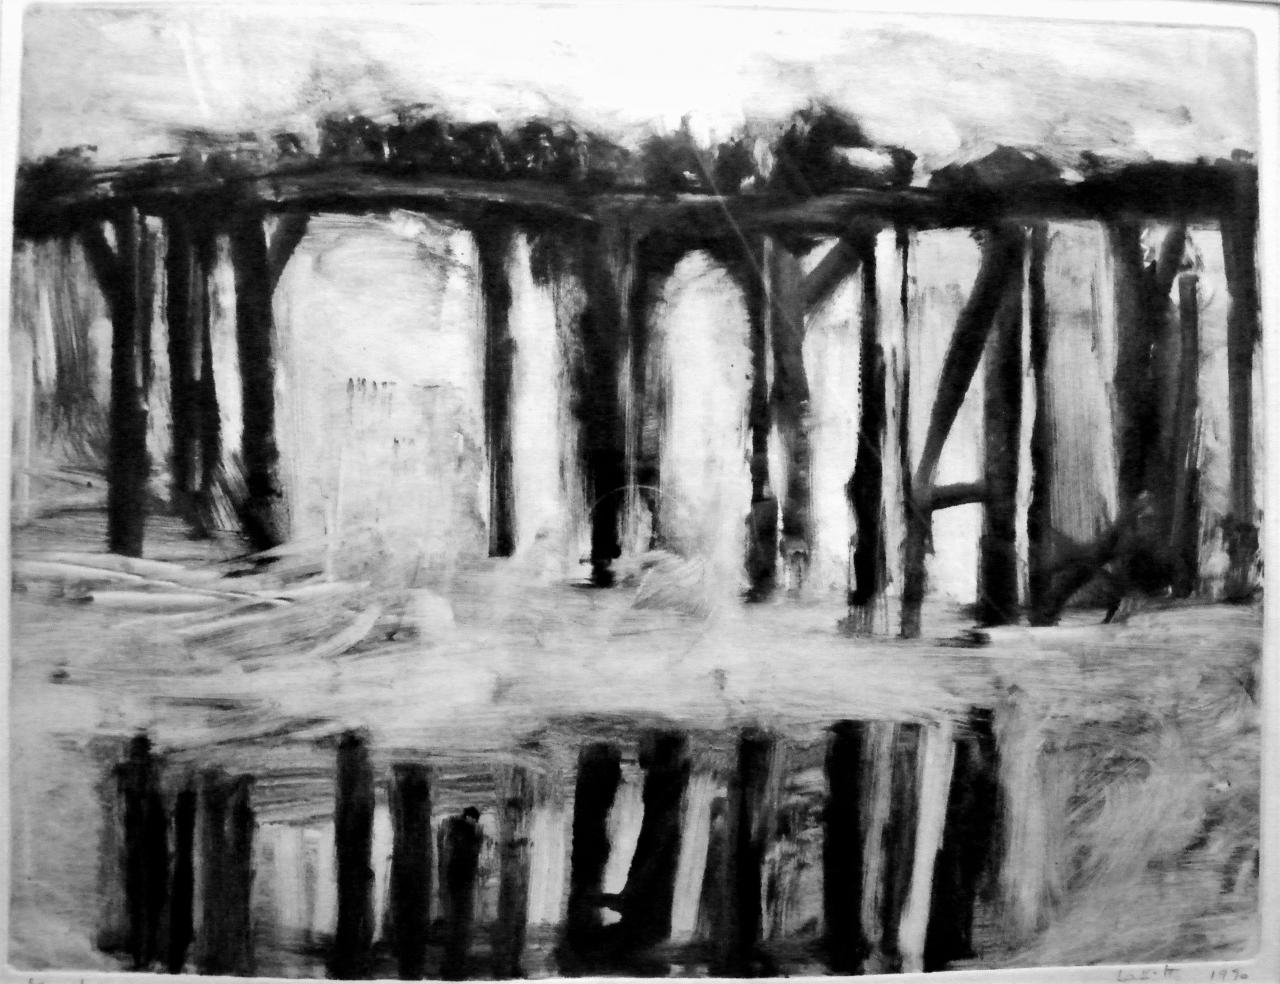 Foule sur un pont 1990 26 X 33